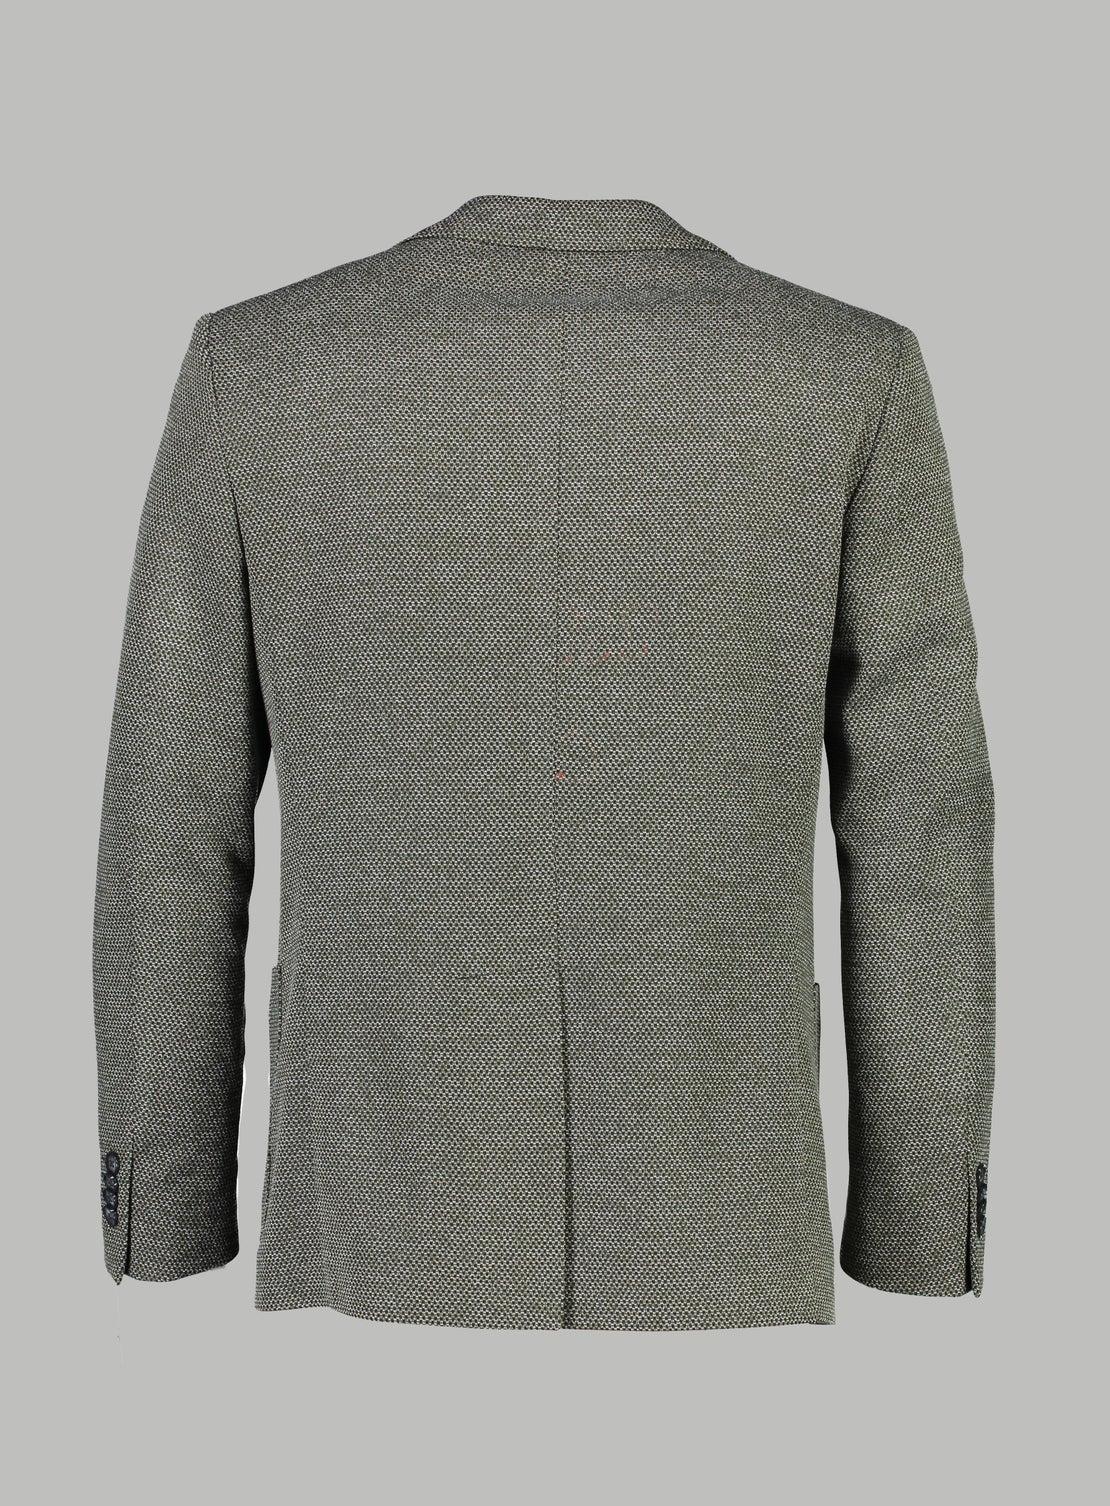 Garth Sage Green Sportscoat